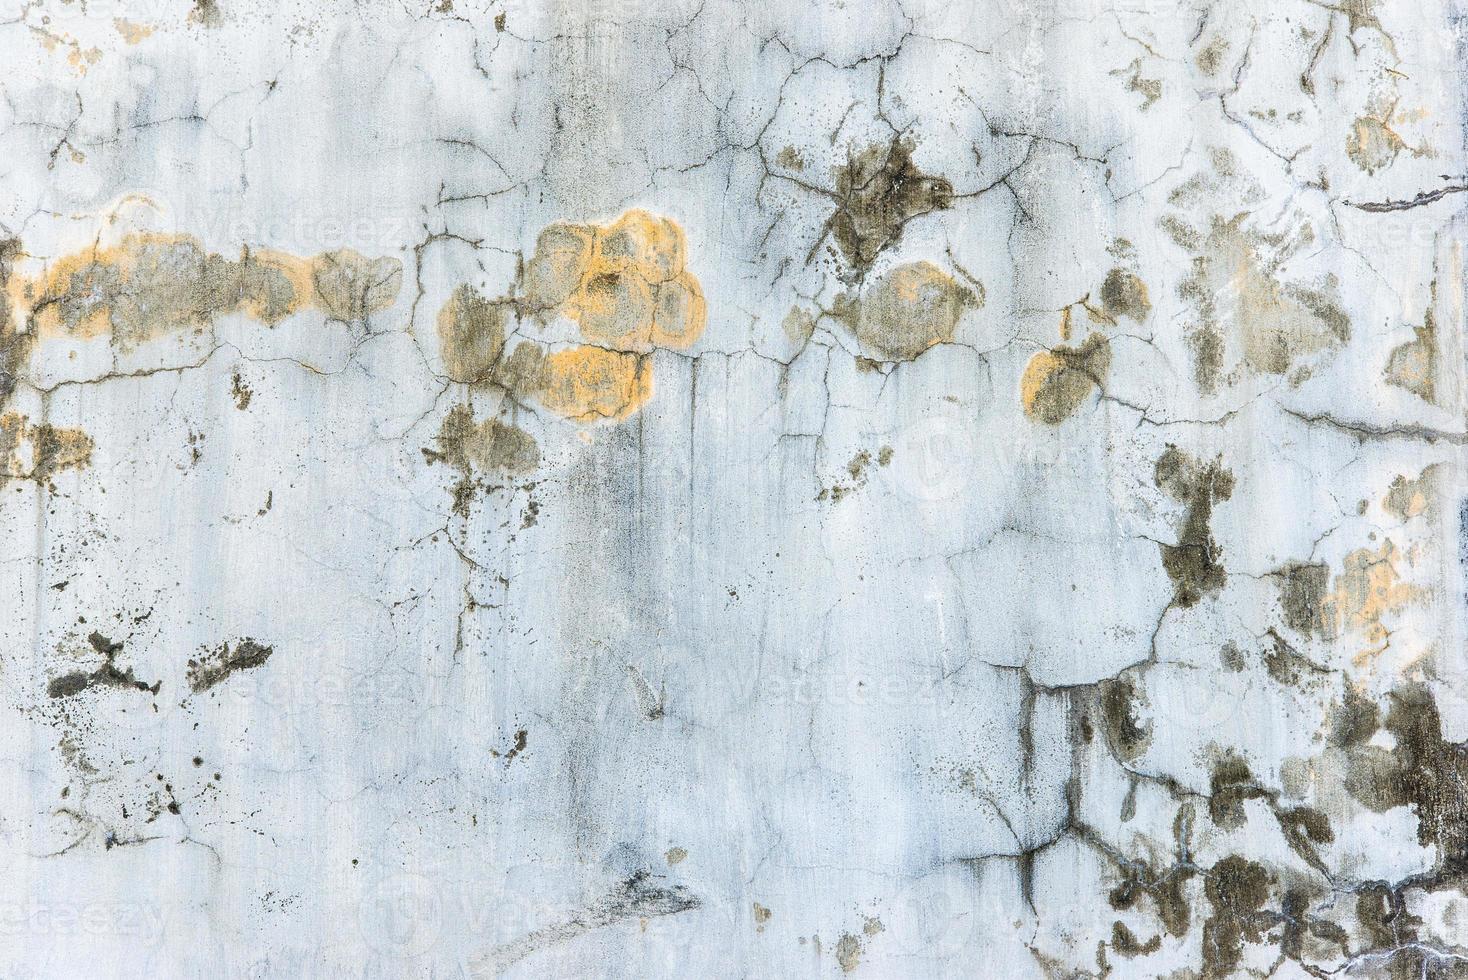 struttura delle pareti crepa foto